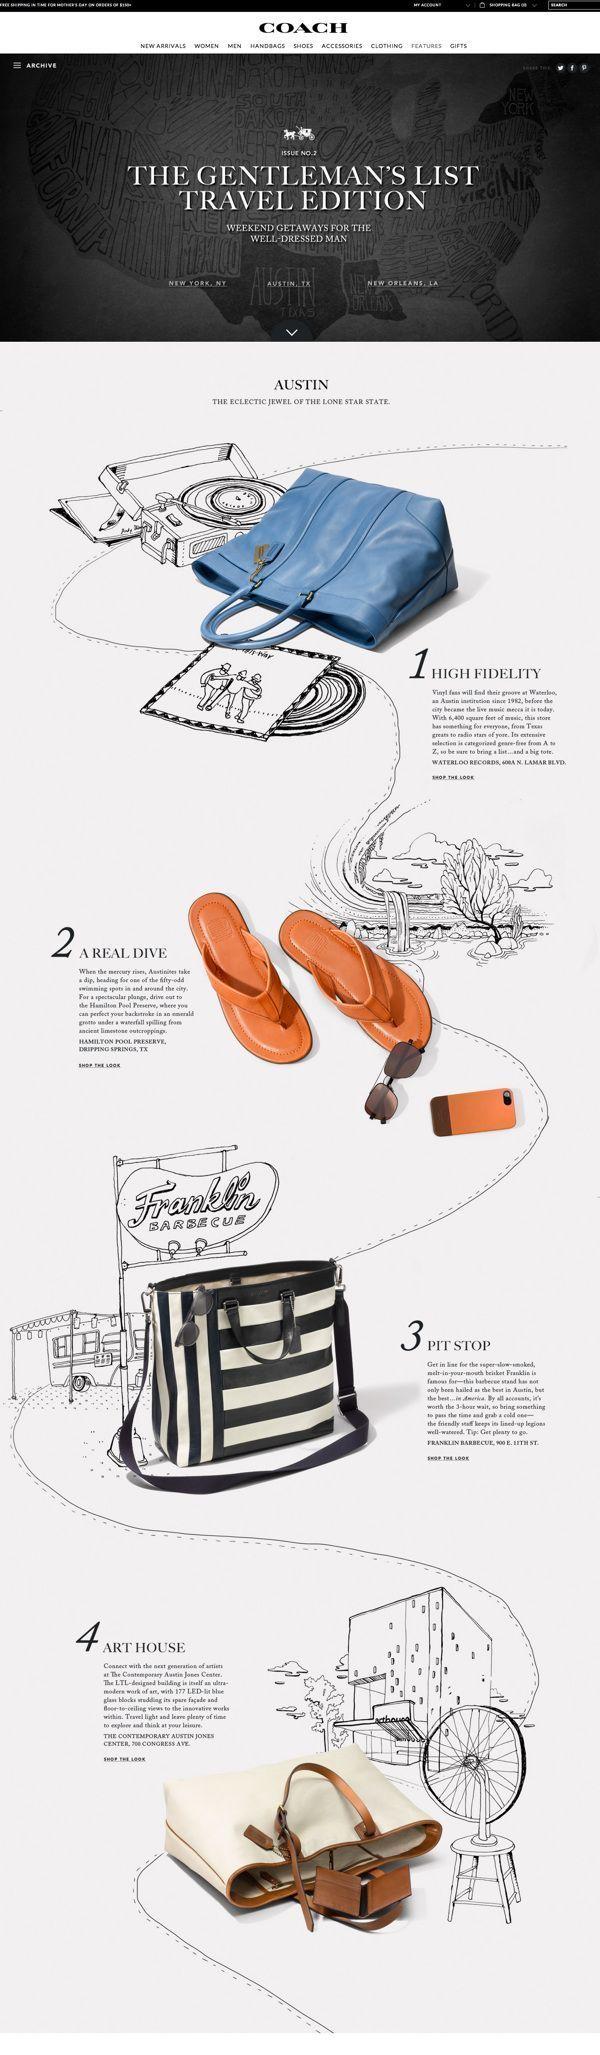 Unique Web Design, Coach Gentlemen's List via @lucasfh #Web #Design #Fashion